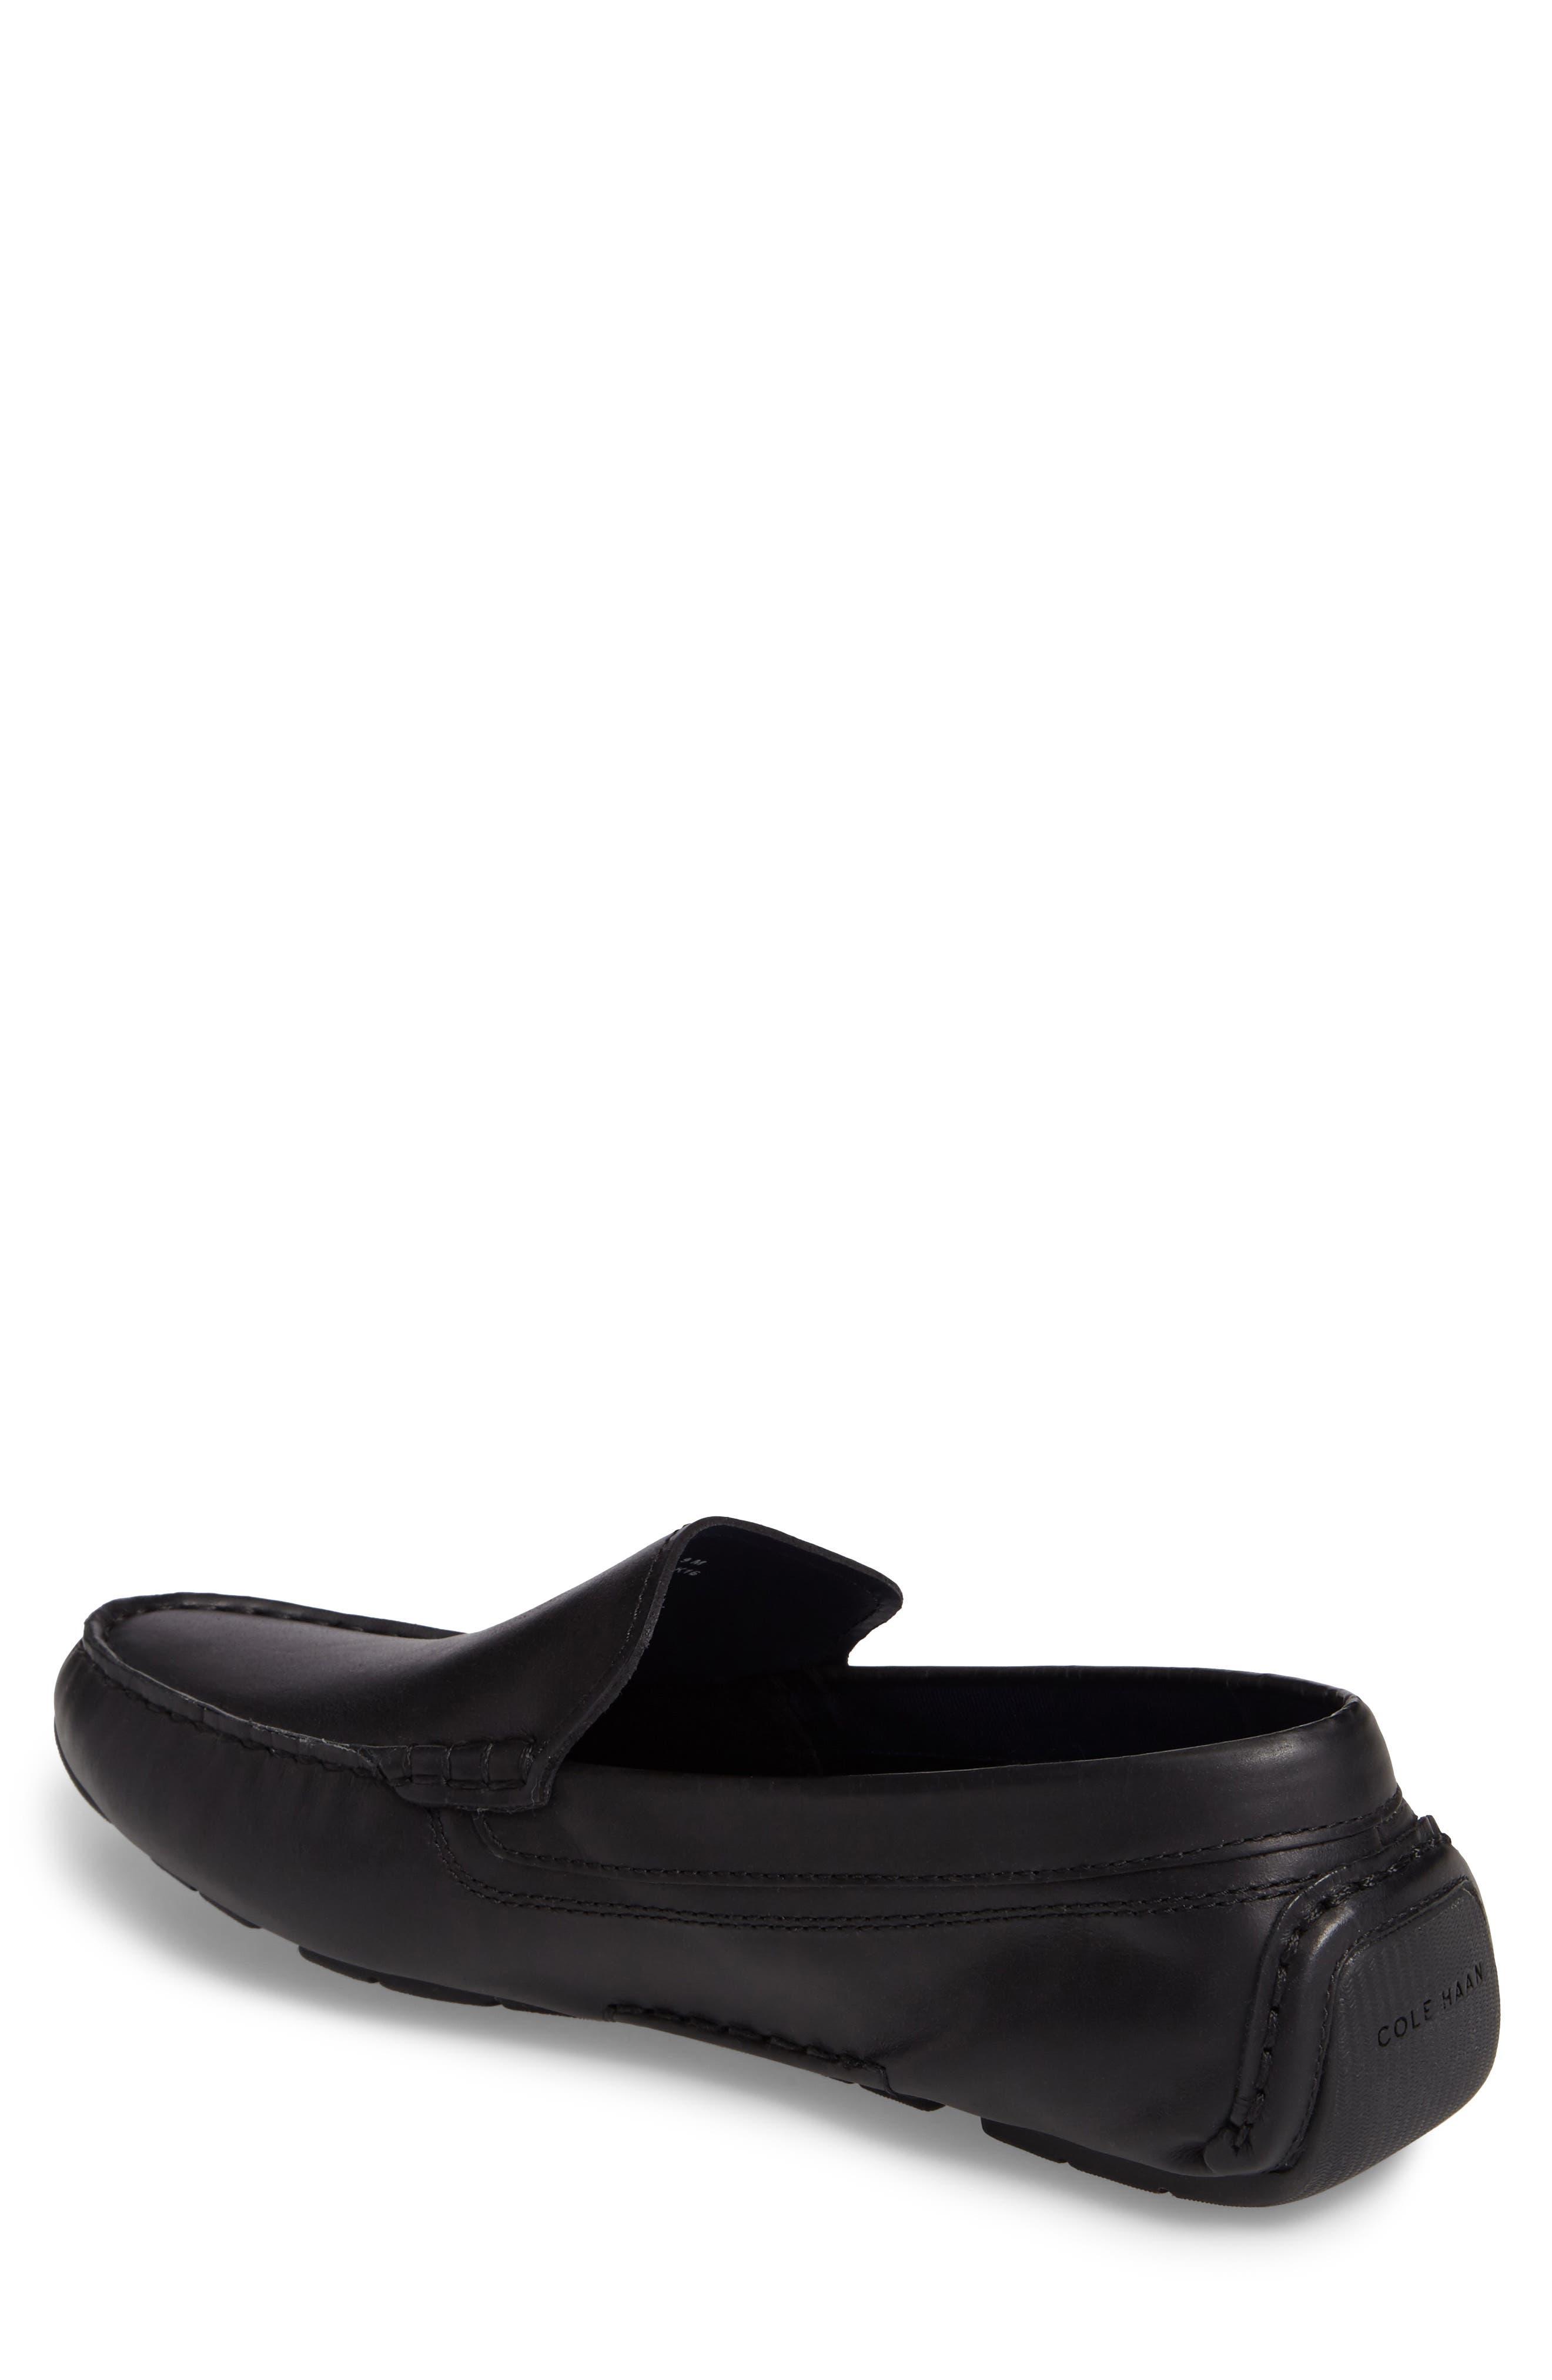 Kelson Venetian Driving Loafer,                             Alternate thumbnail 2, color,                             Black